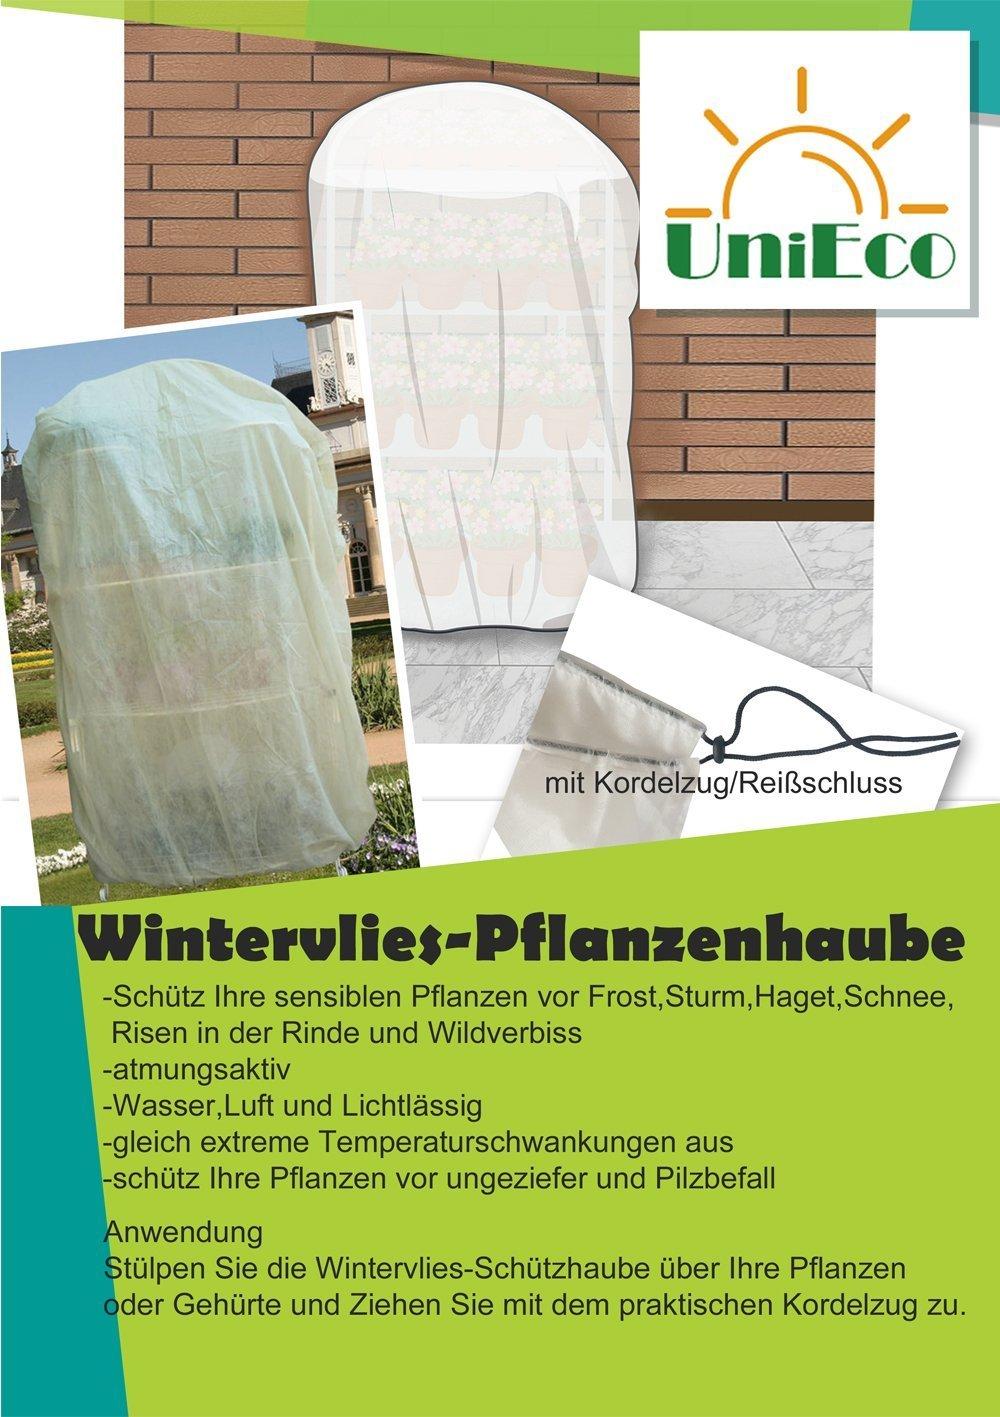 UniEco winterschutz für Pflanzen Pflanzen-Schutzsack Wintervlies 365x300cm 50g/m2 6pcs